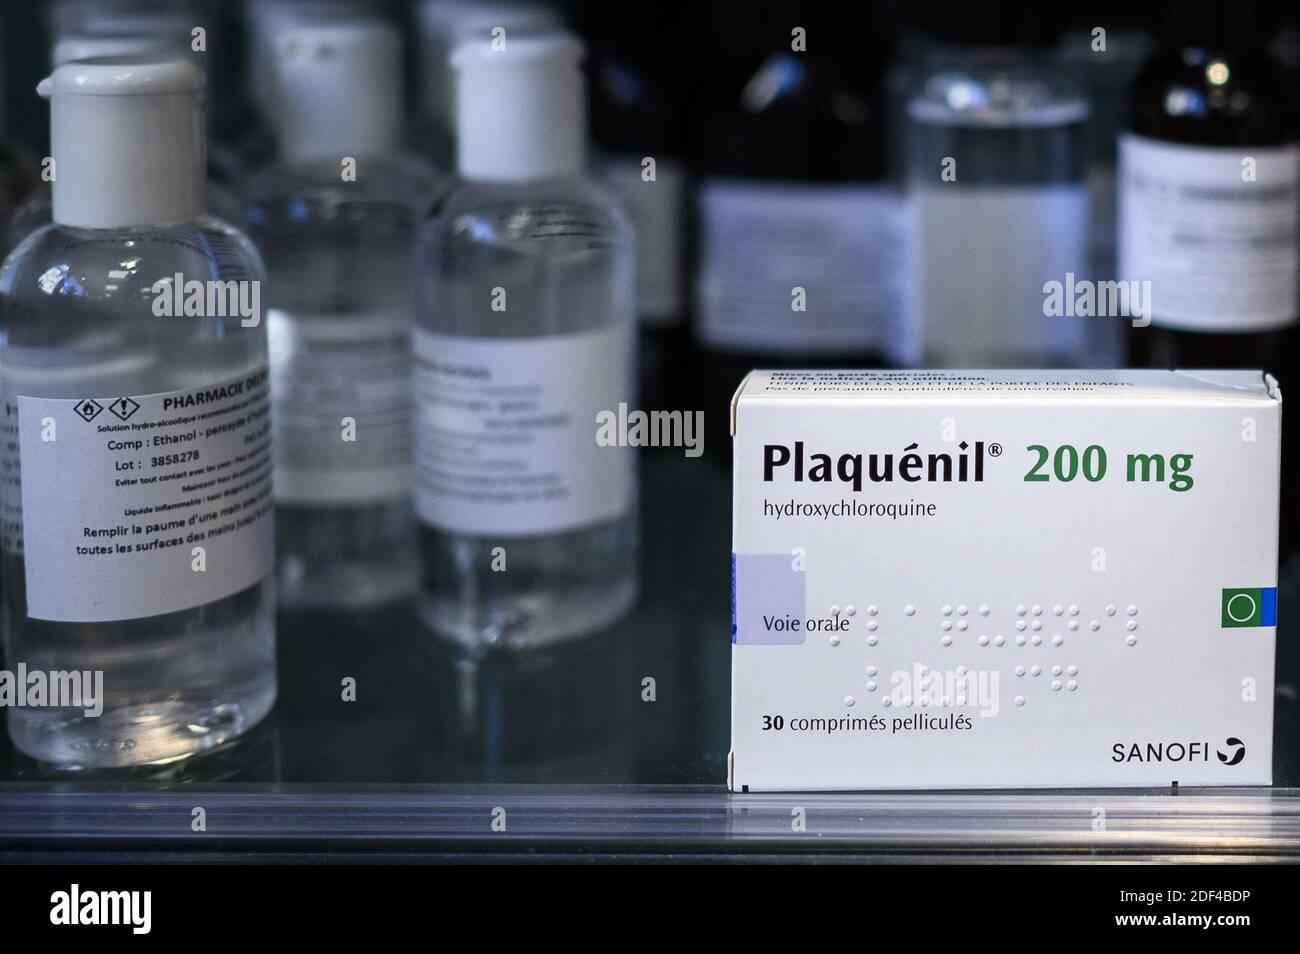 """Eine Schachtel Plaquenil (oder Chloroquin, Hydroxychloroquin) am 30. März 2020 in Paris, Frankreich. Chloroquin ist ein bestehendes Anti-Malaria-Medikament, das sowohl zur Vorbeugung der Krankheit als auch zur Behandlung verwendet wird. Es ist bekannt unter dem Markennamen Nivaquin oder, für Hydroxychloroquin, Plaquenil und ist die synthetische Form von Chinin. Am Sonntag sagte das US-Gesundheitsministerium (HHS) in einer Erklärung, dass Chloroquin und Hydroxychloroquin an Jugendliche und Erwachsene mit COVID-19 verschrieben werden könnten, """"wenn eine klinische Studie nicht verfügbar oder machbar ist"""", nachdem die FDA eine Notfallgenehmigung erteilt hatte. Stockfoto"""